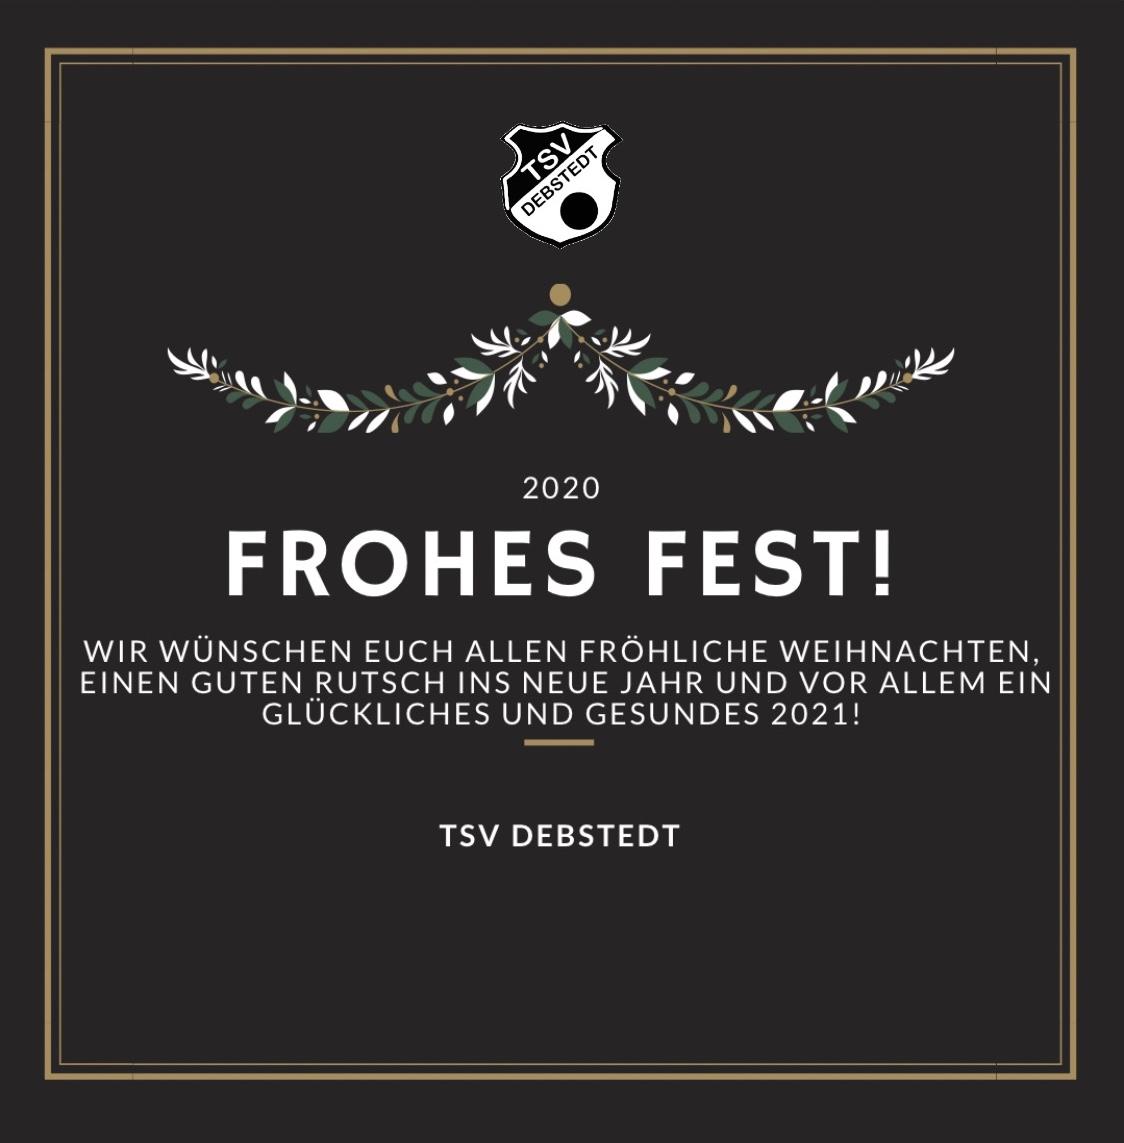 TSV Debstedt wünscht fröhliche Weihnachten